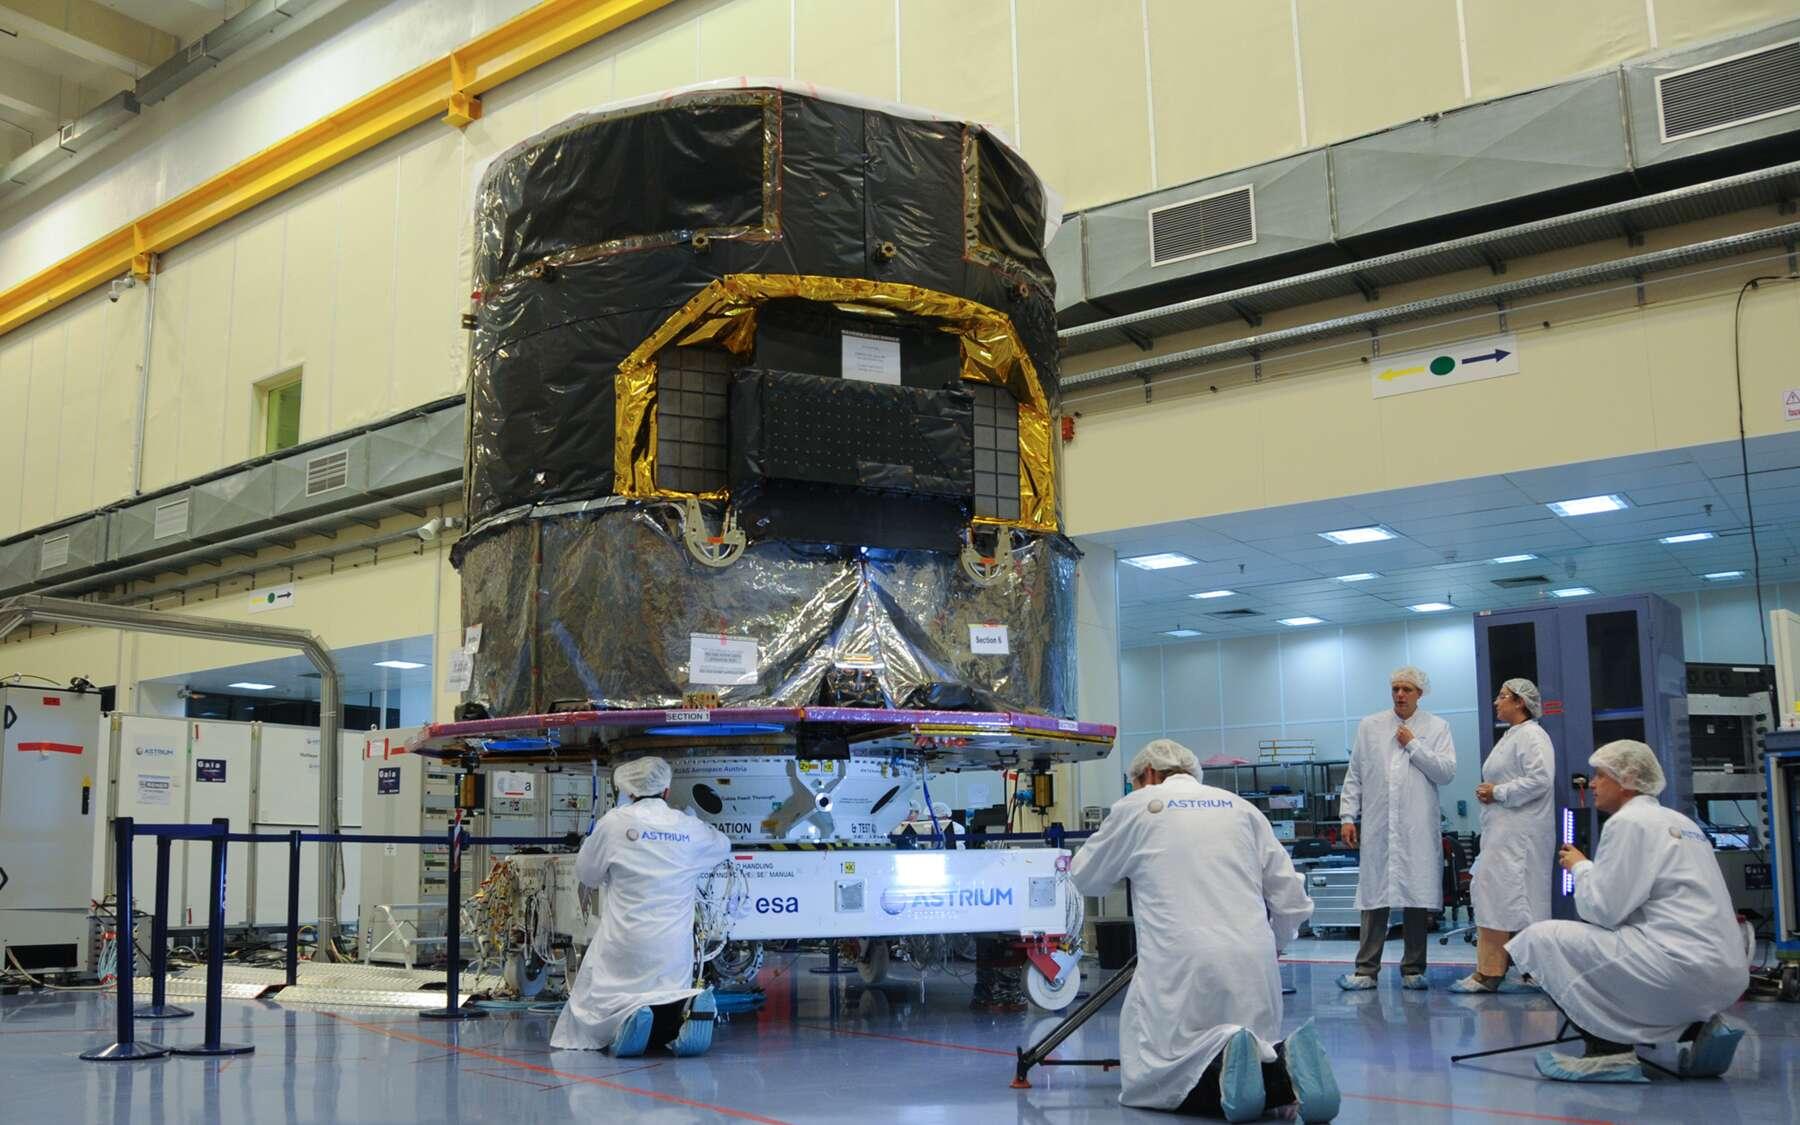 Le satellite Gaia dans l'usine toulousaine d'Astrium en juin 2013, deux mois avant son départ pour la Guyane française. Cet double télescope spécialisé dans l'astrométrie rejoindra le point de Lagrange L2 autour duquel sa trajectoire sera une courbe de Lissajous, en forme de 8. © Rémy Decourt